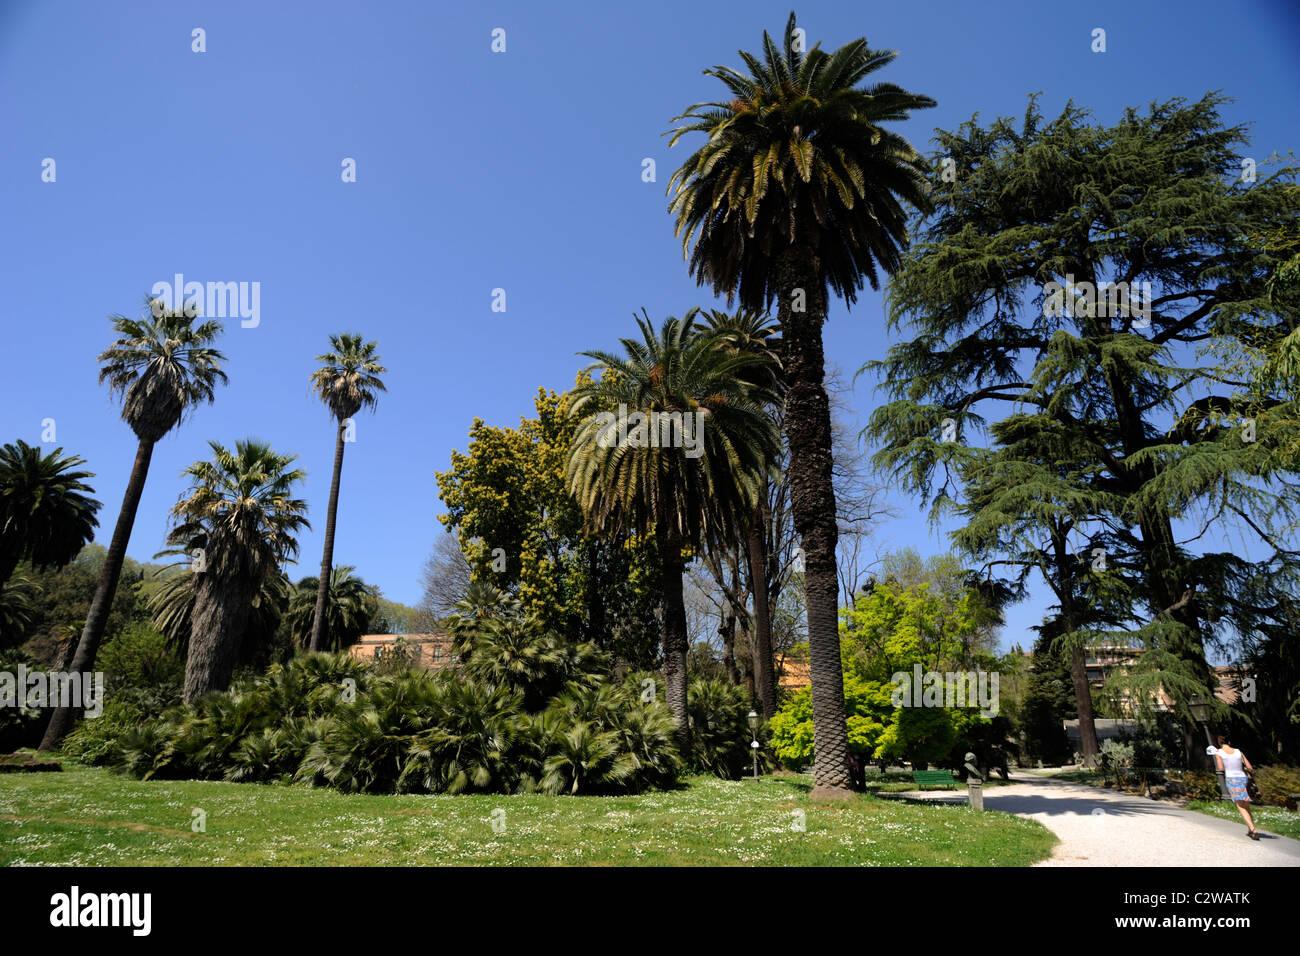 italy, rome, trastevere, orto botanico, botanical gardens - Stock Image